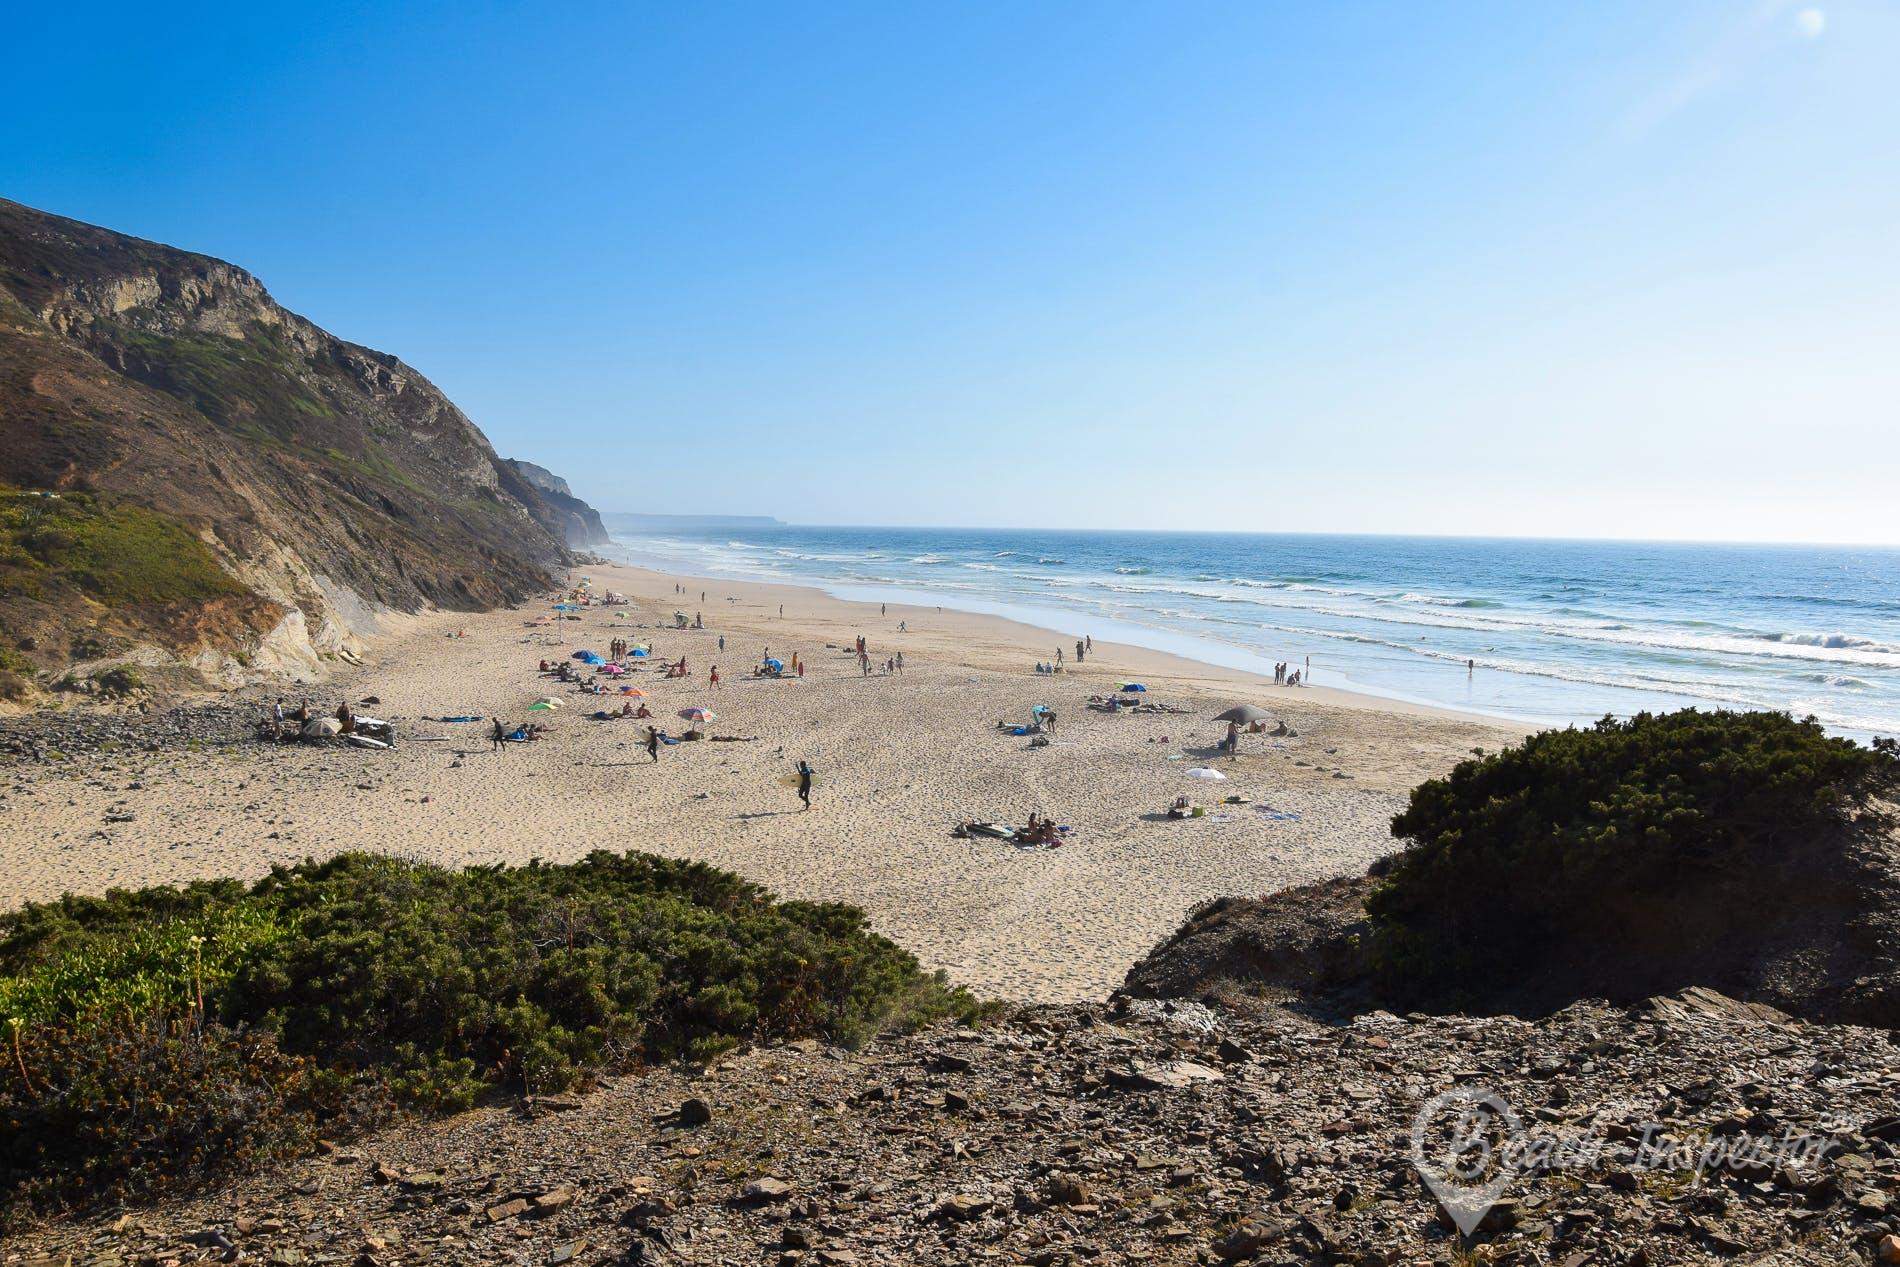 Playa Praia de Vale Figueiras, Algarve, Portugal